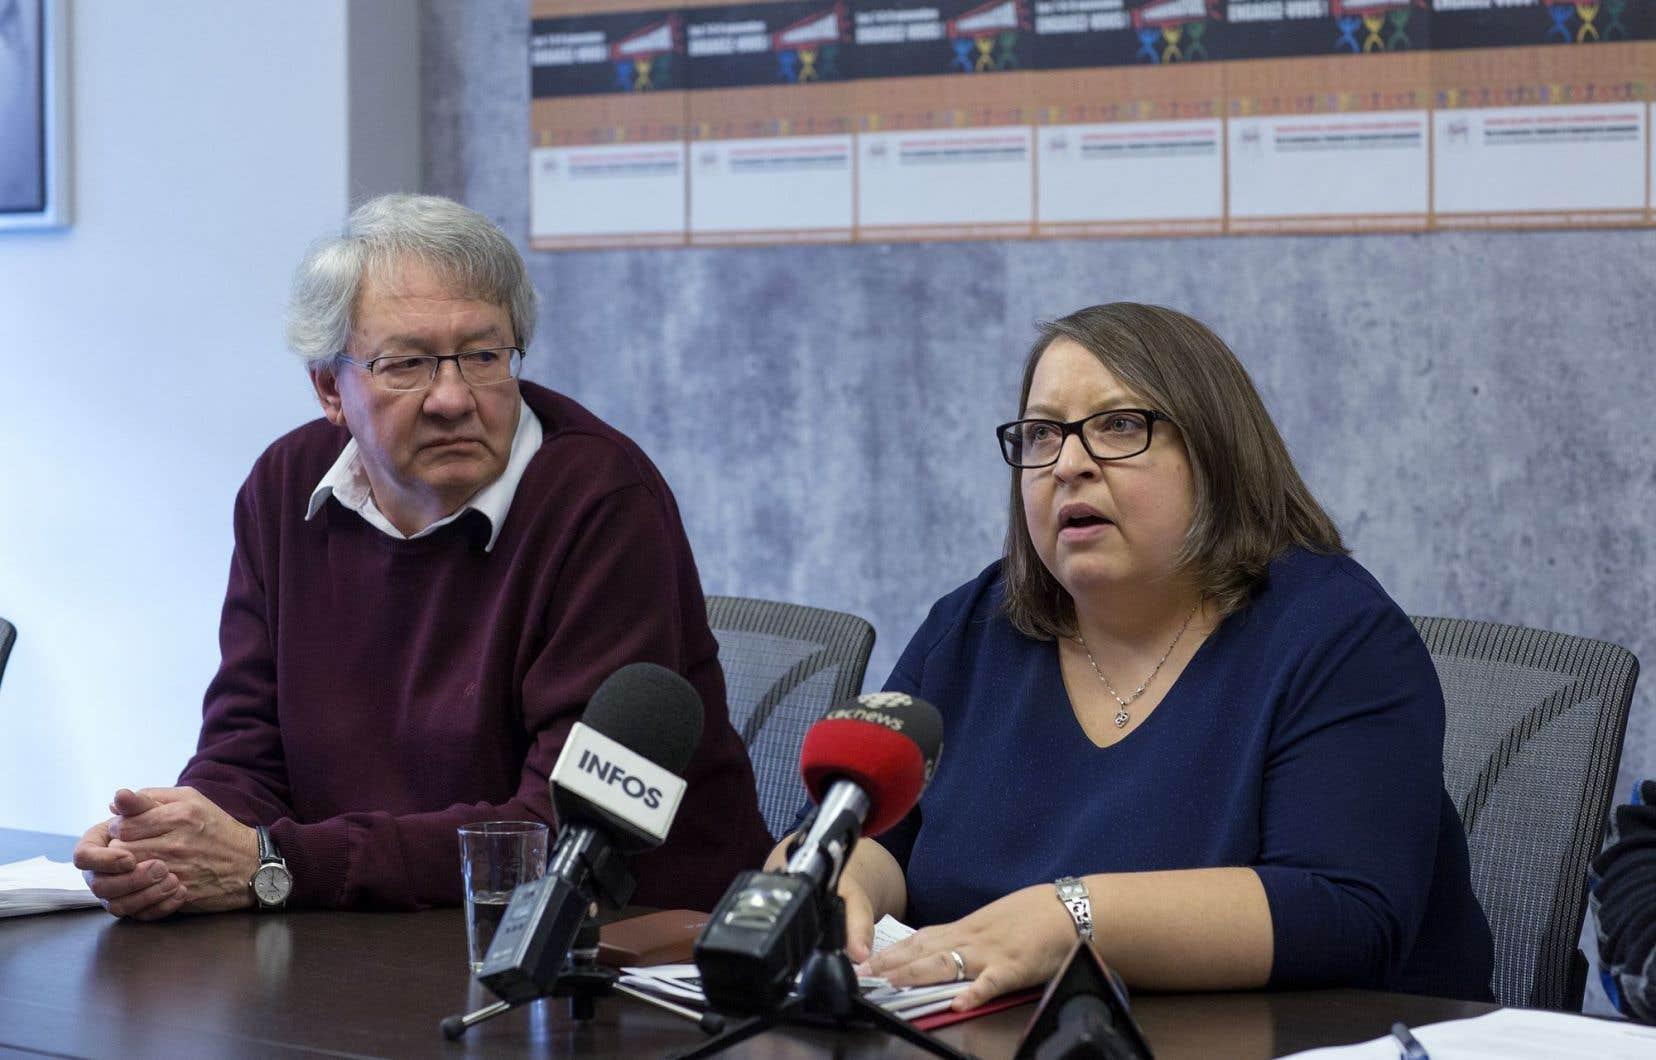 François Saillant et Caroline Toupin, de la campagne Engagez-vous pour le communautaire